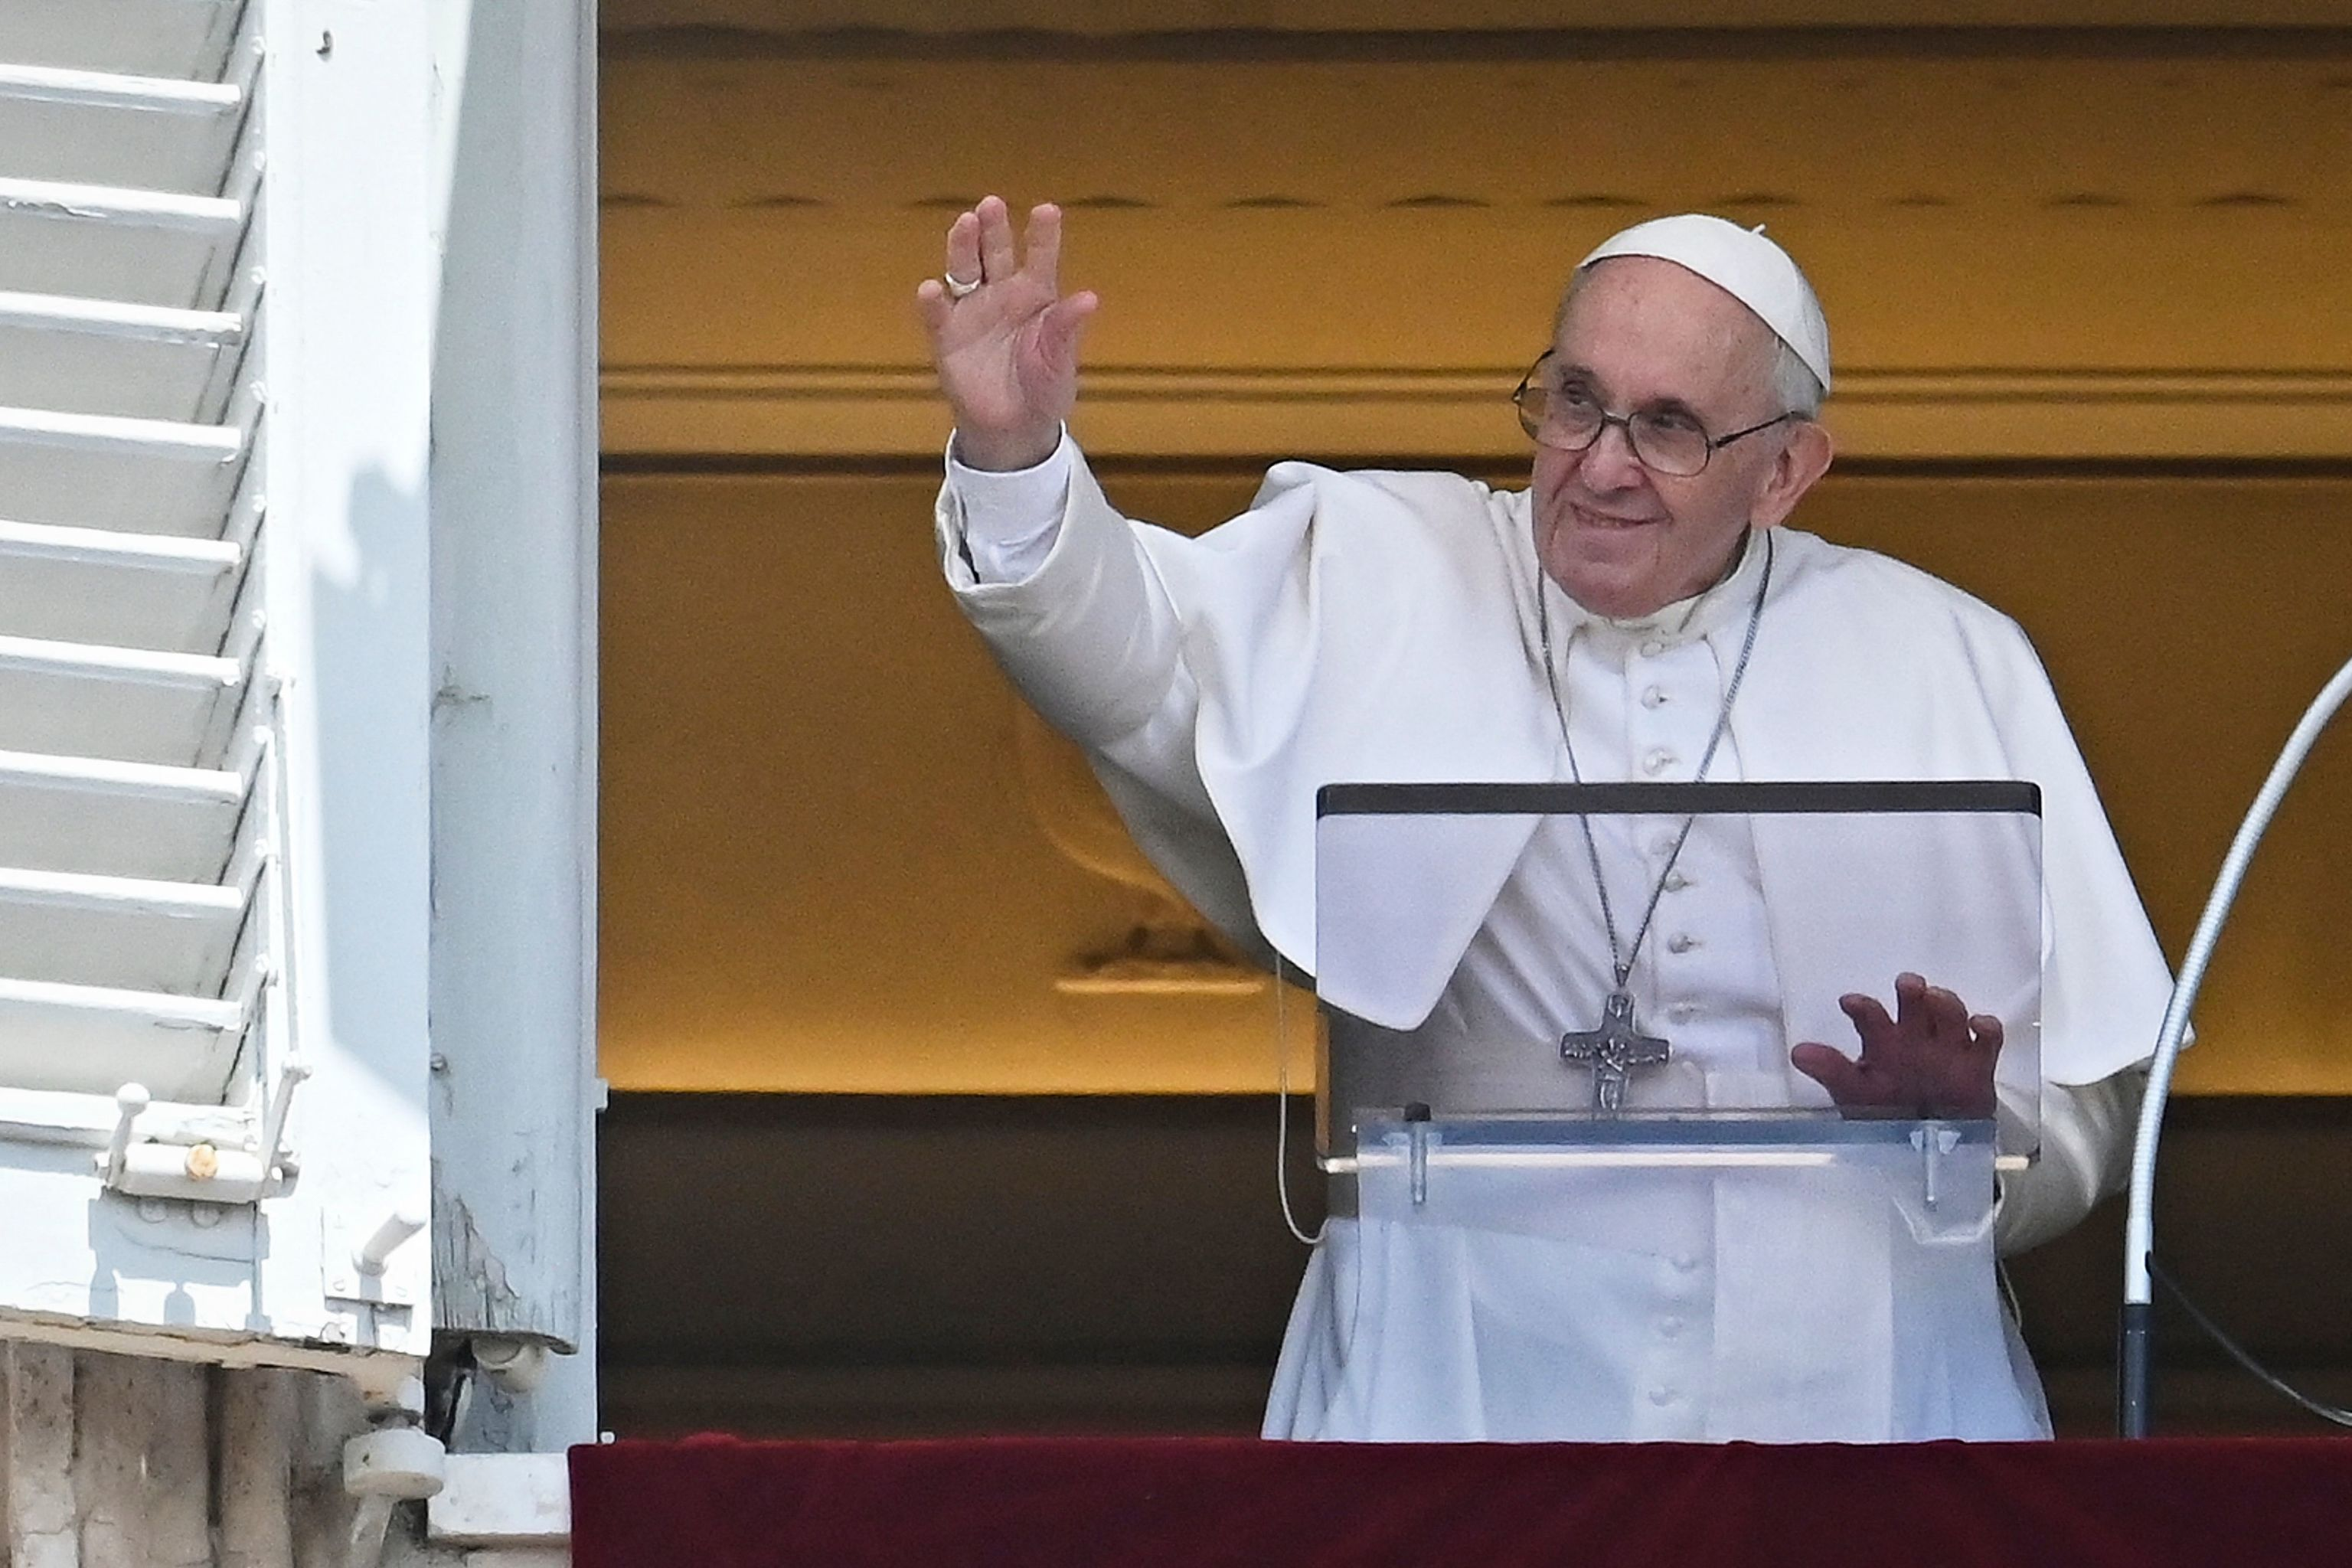 El Papa Francisco en una imagen reciente tomada en el Vaticano.